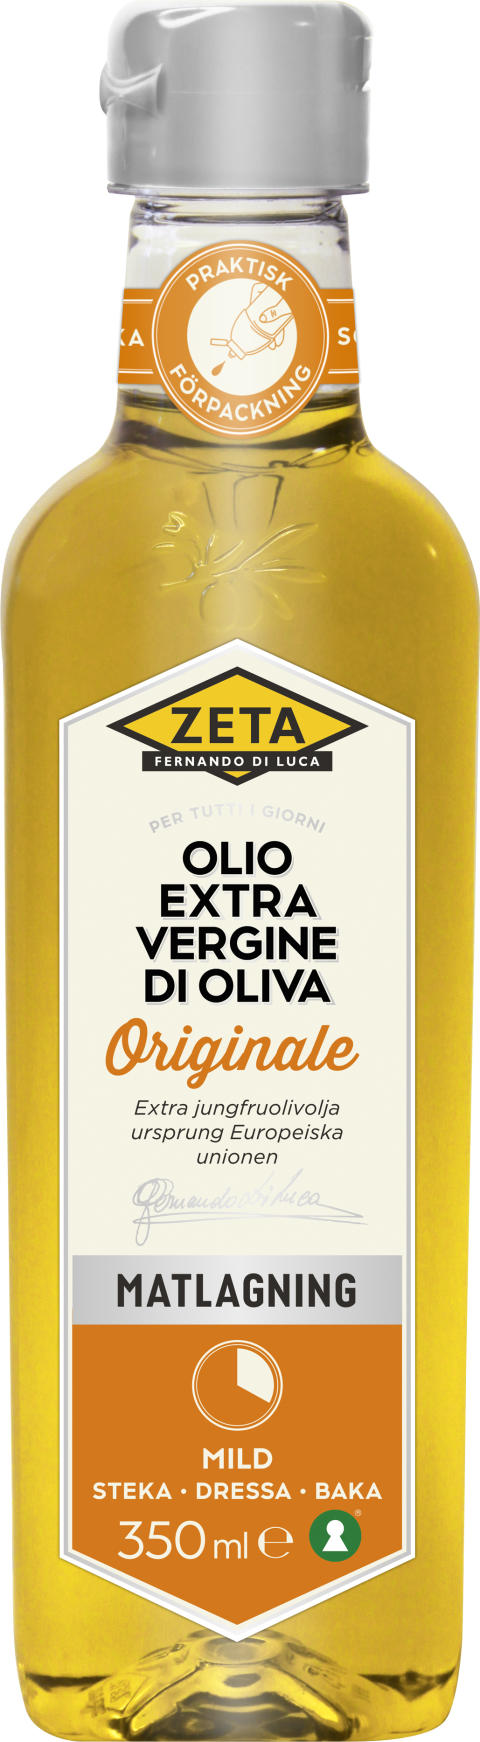 Ny klämbar olivoljeflaska från Zeta